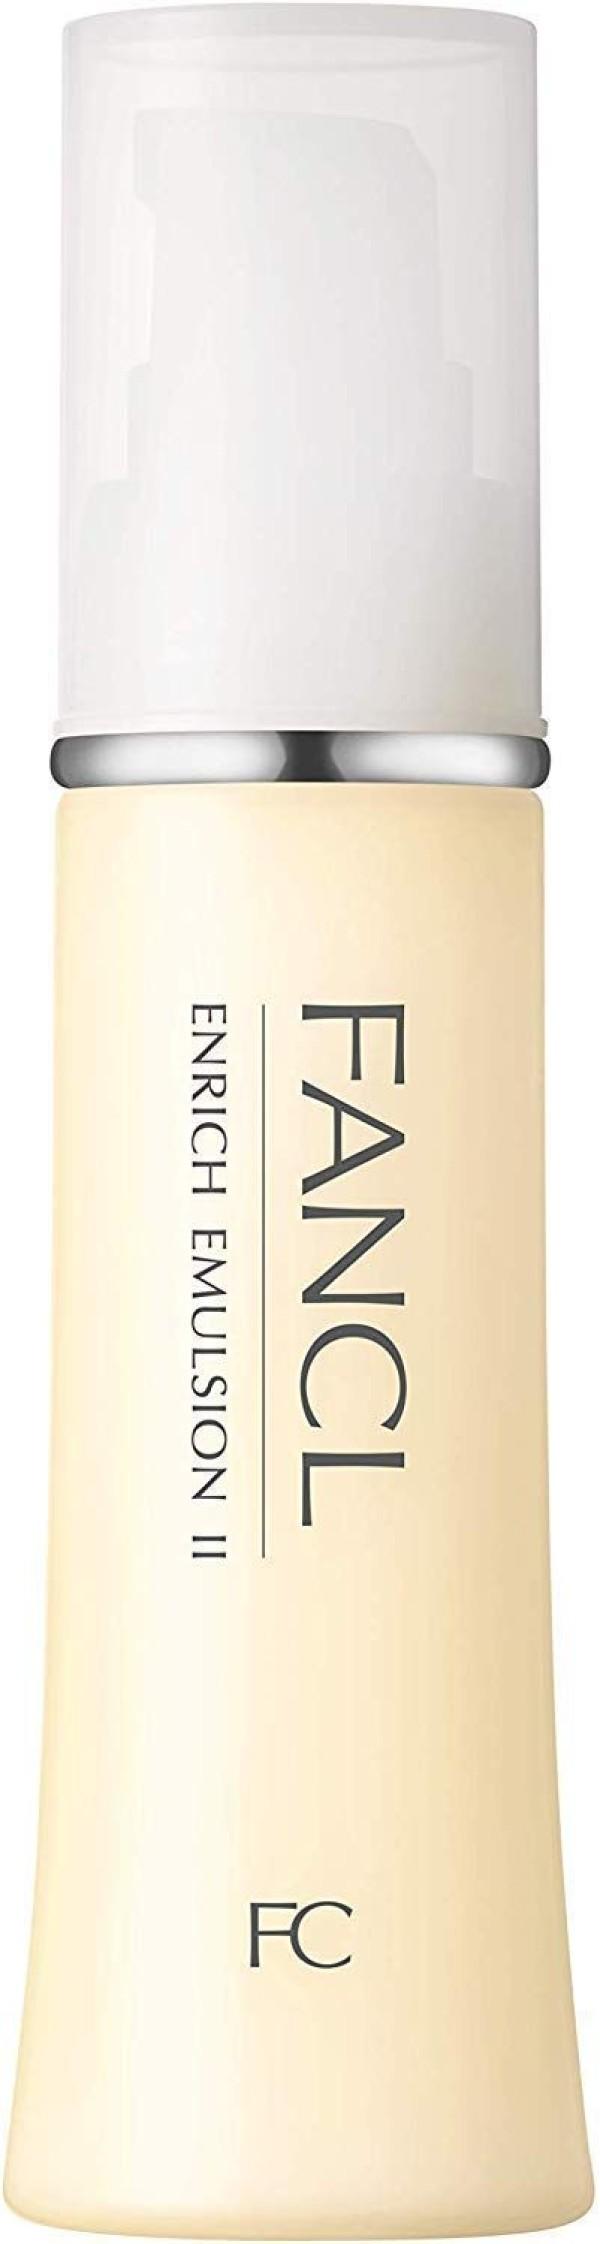 Восстанавливающая эмульсия Fancl Enrich Emulsion